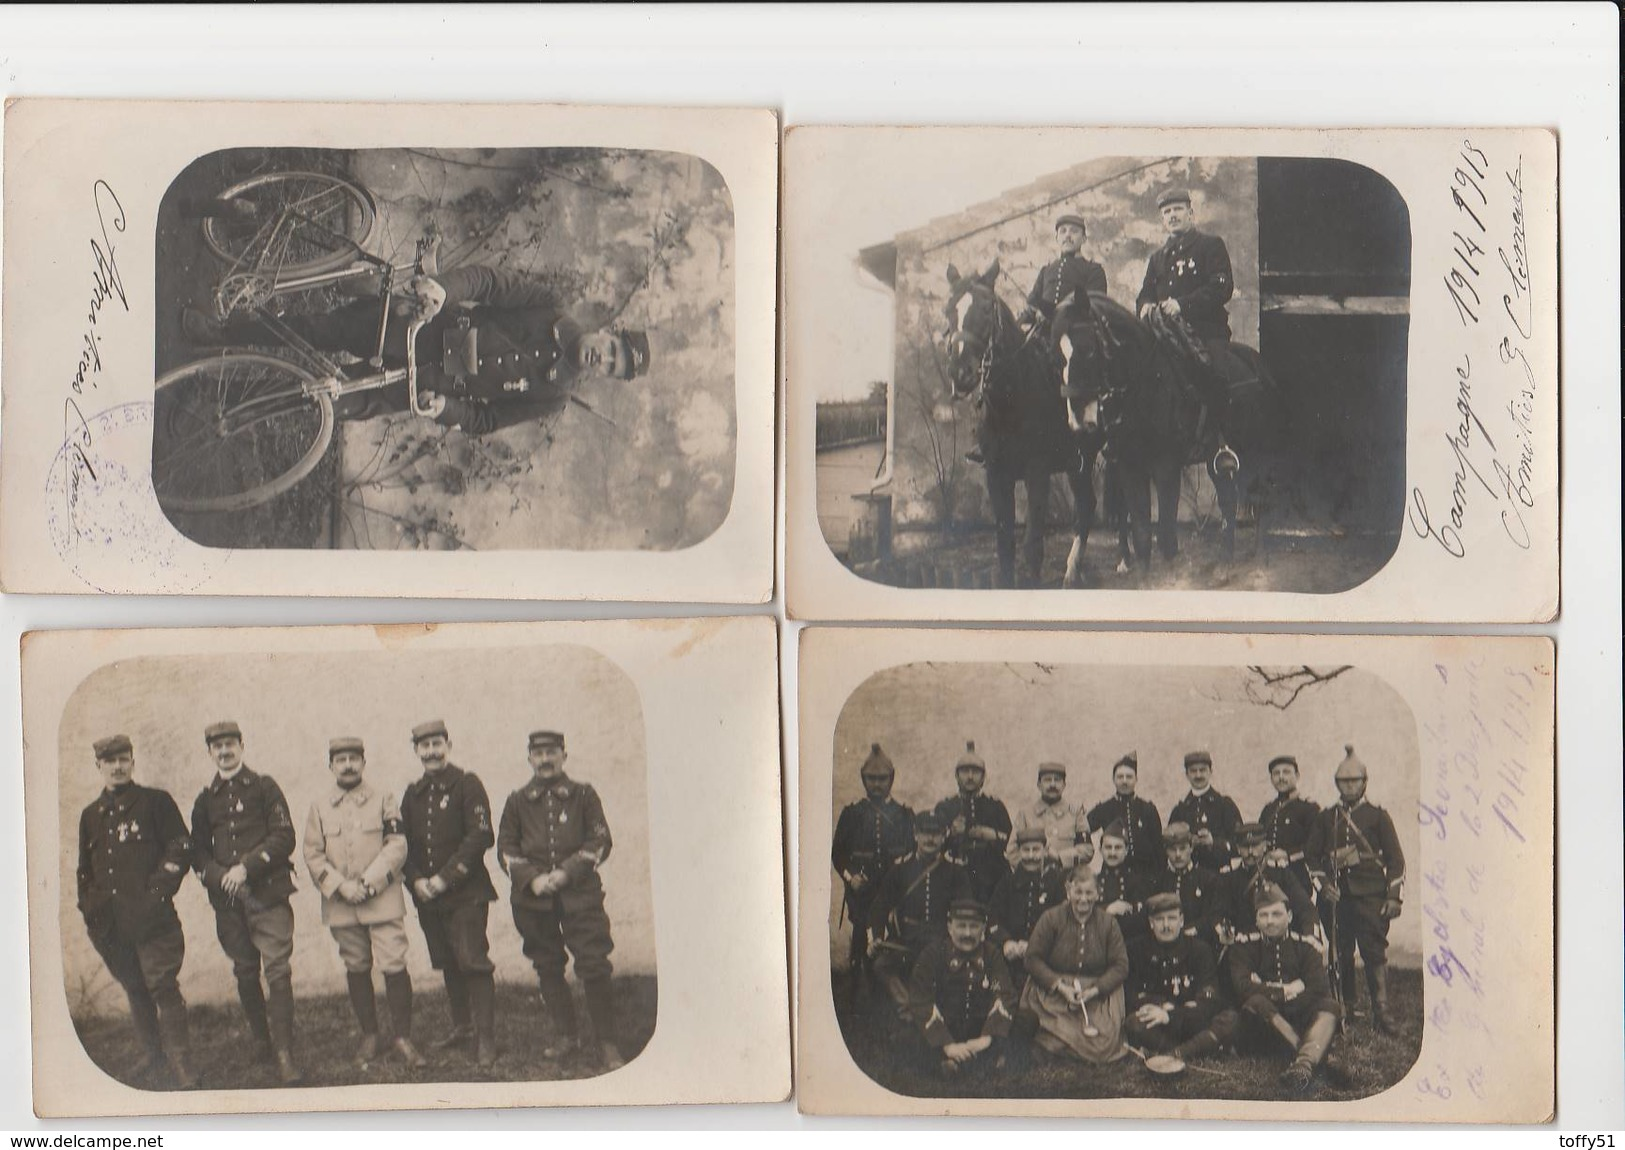 4 CARTE PHOTO:PORTRAIT MILITAIRE SUR CHEVAUX,MILITAIRE ET SON VÉLO,FEMME AVEC LA 2èmeBRIGADE DE DRAGONS 1914-15,ETC... - Militaria